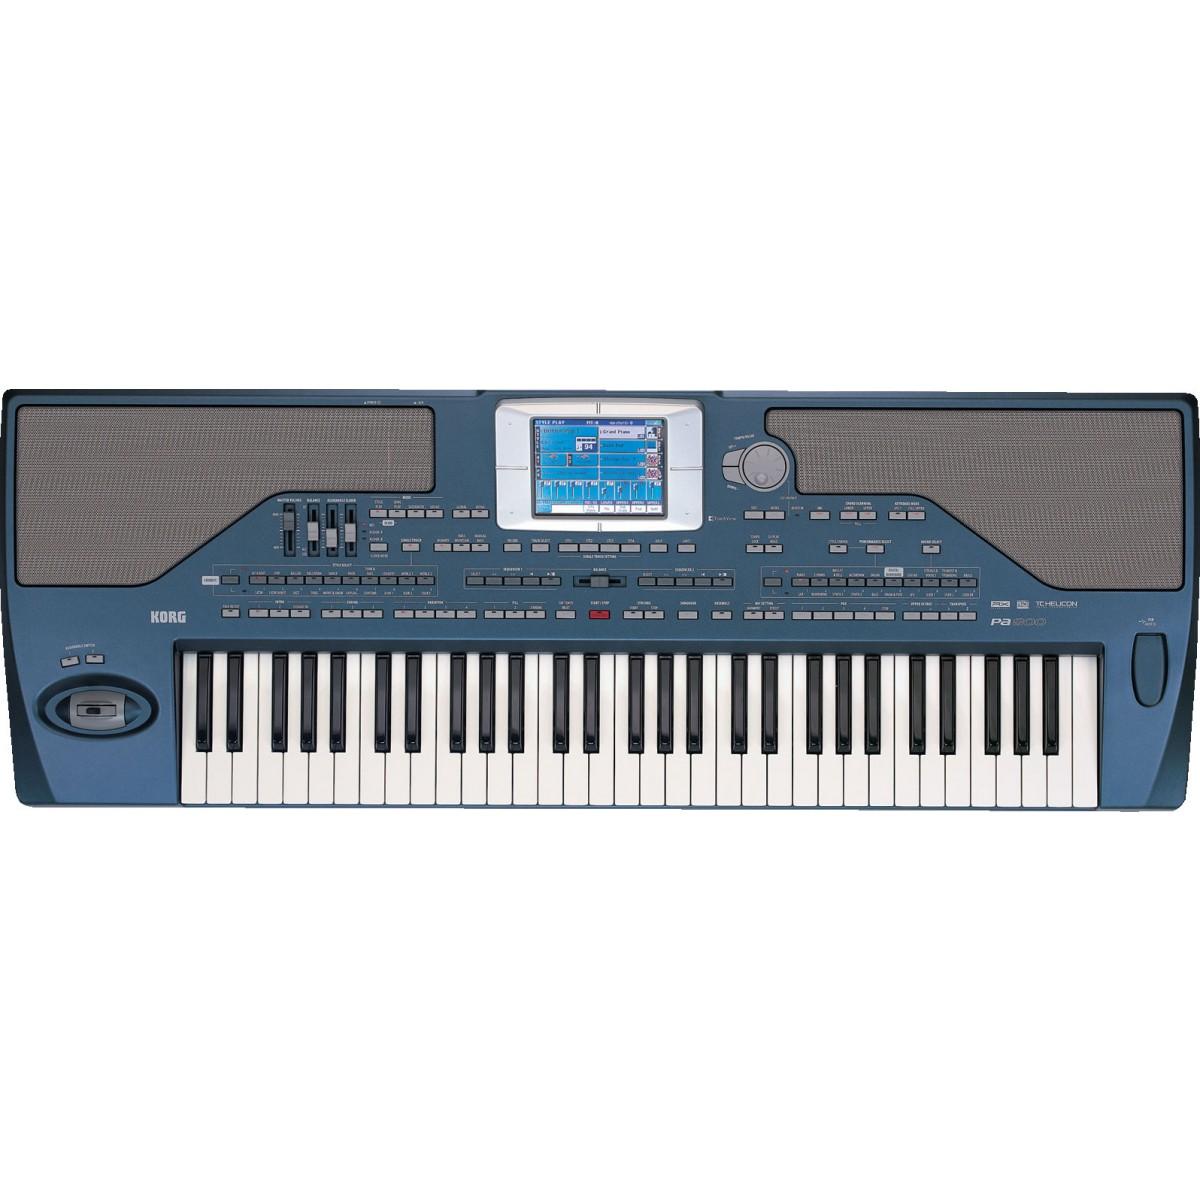 Korg Pa800 | Buy Music Professional Arranger | Best Price